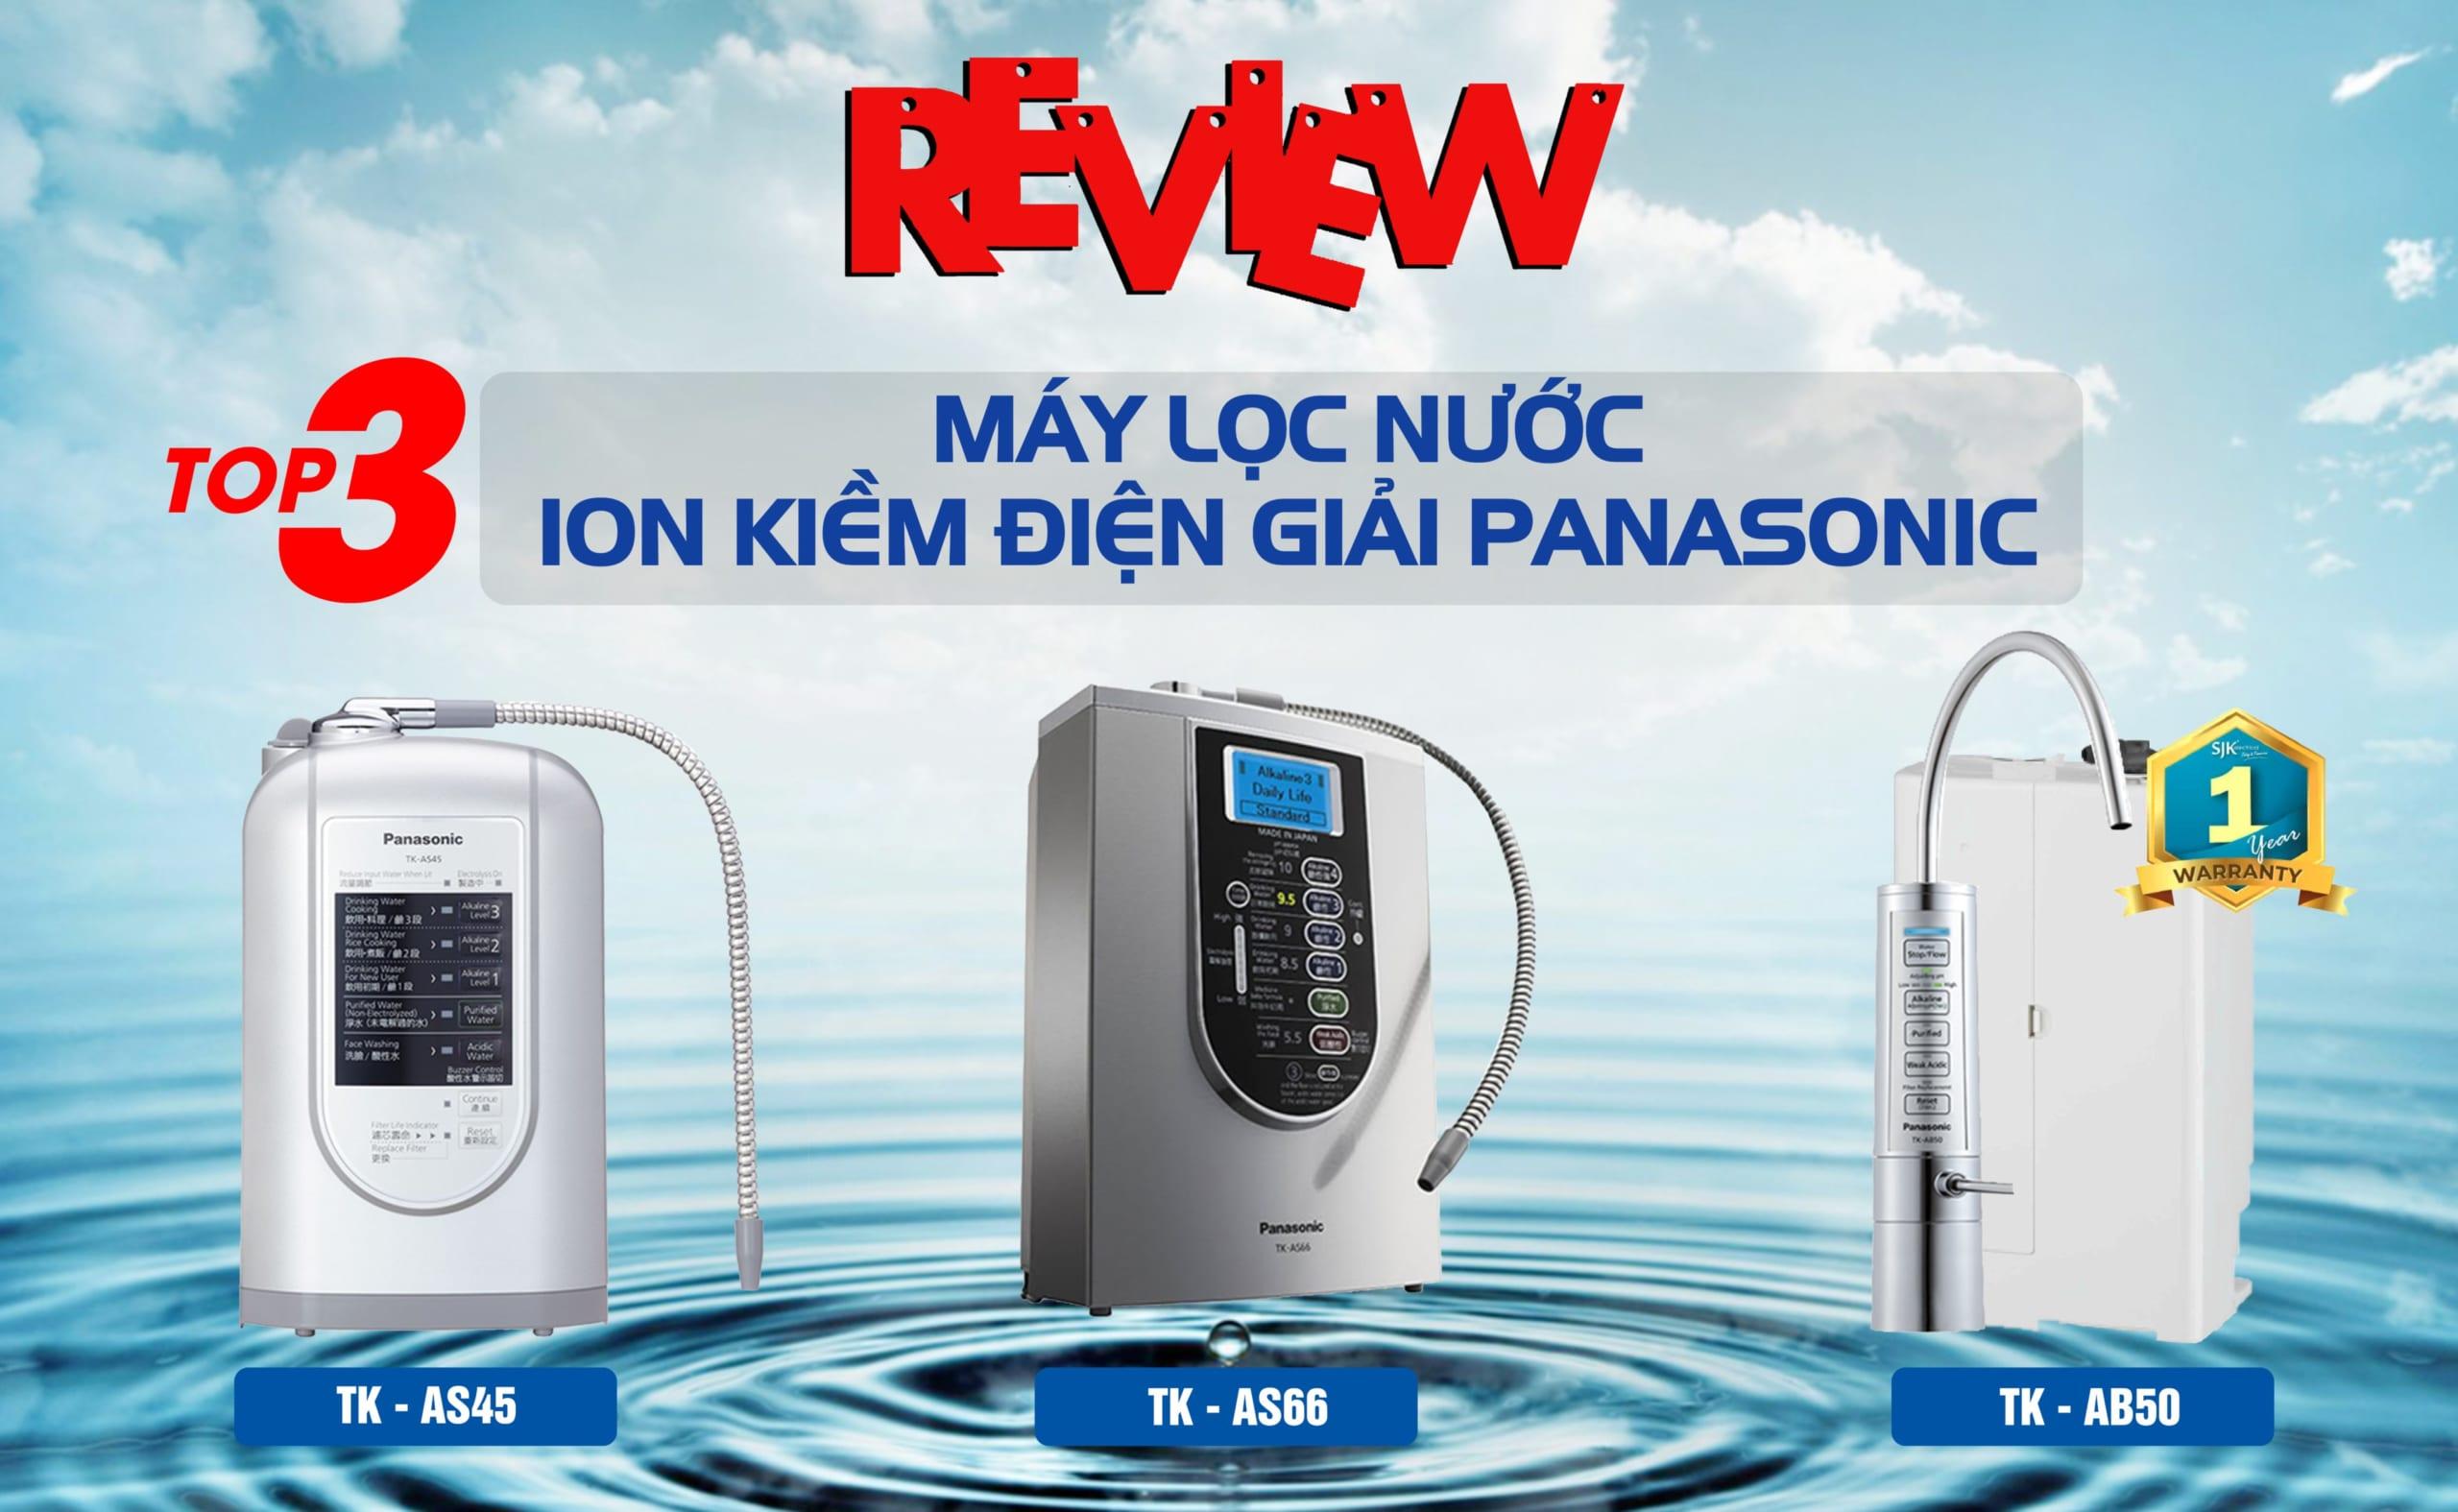 review-top-3-may-loc-nuoc-ion-kiem-dien0giai-panasonic